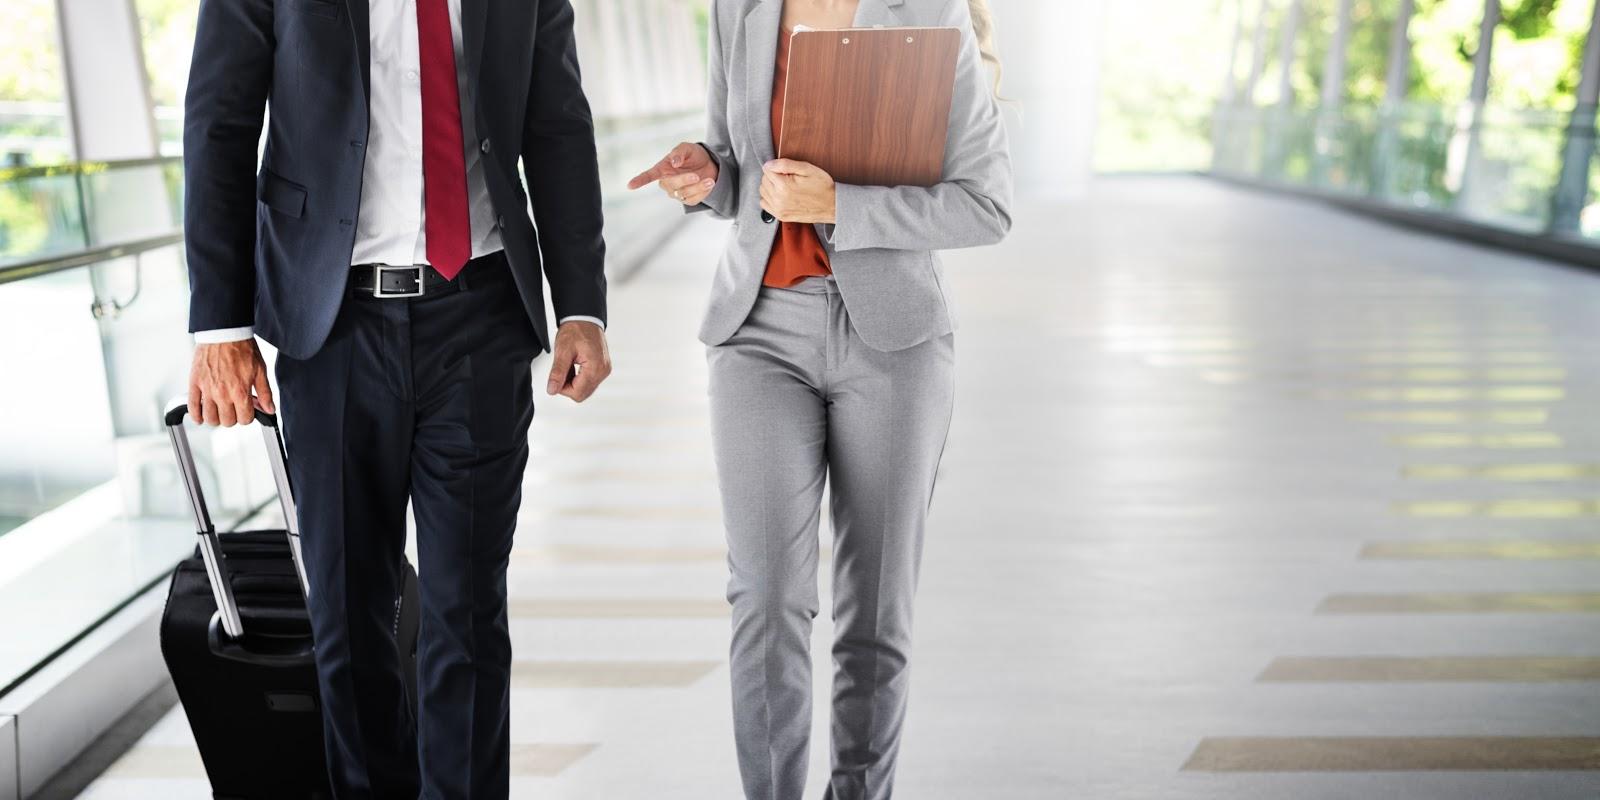 Homem e mulher com roupa formal indo para uma viagem de negócios